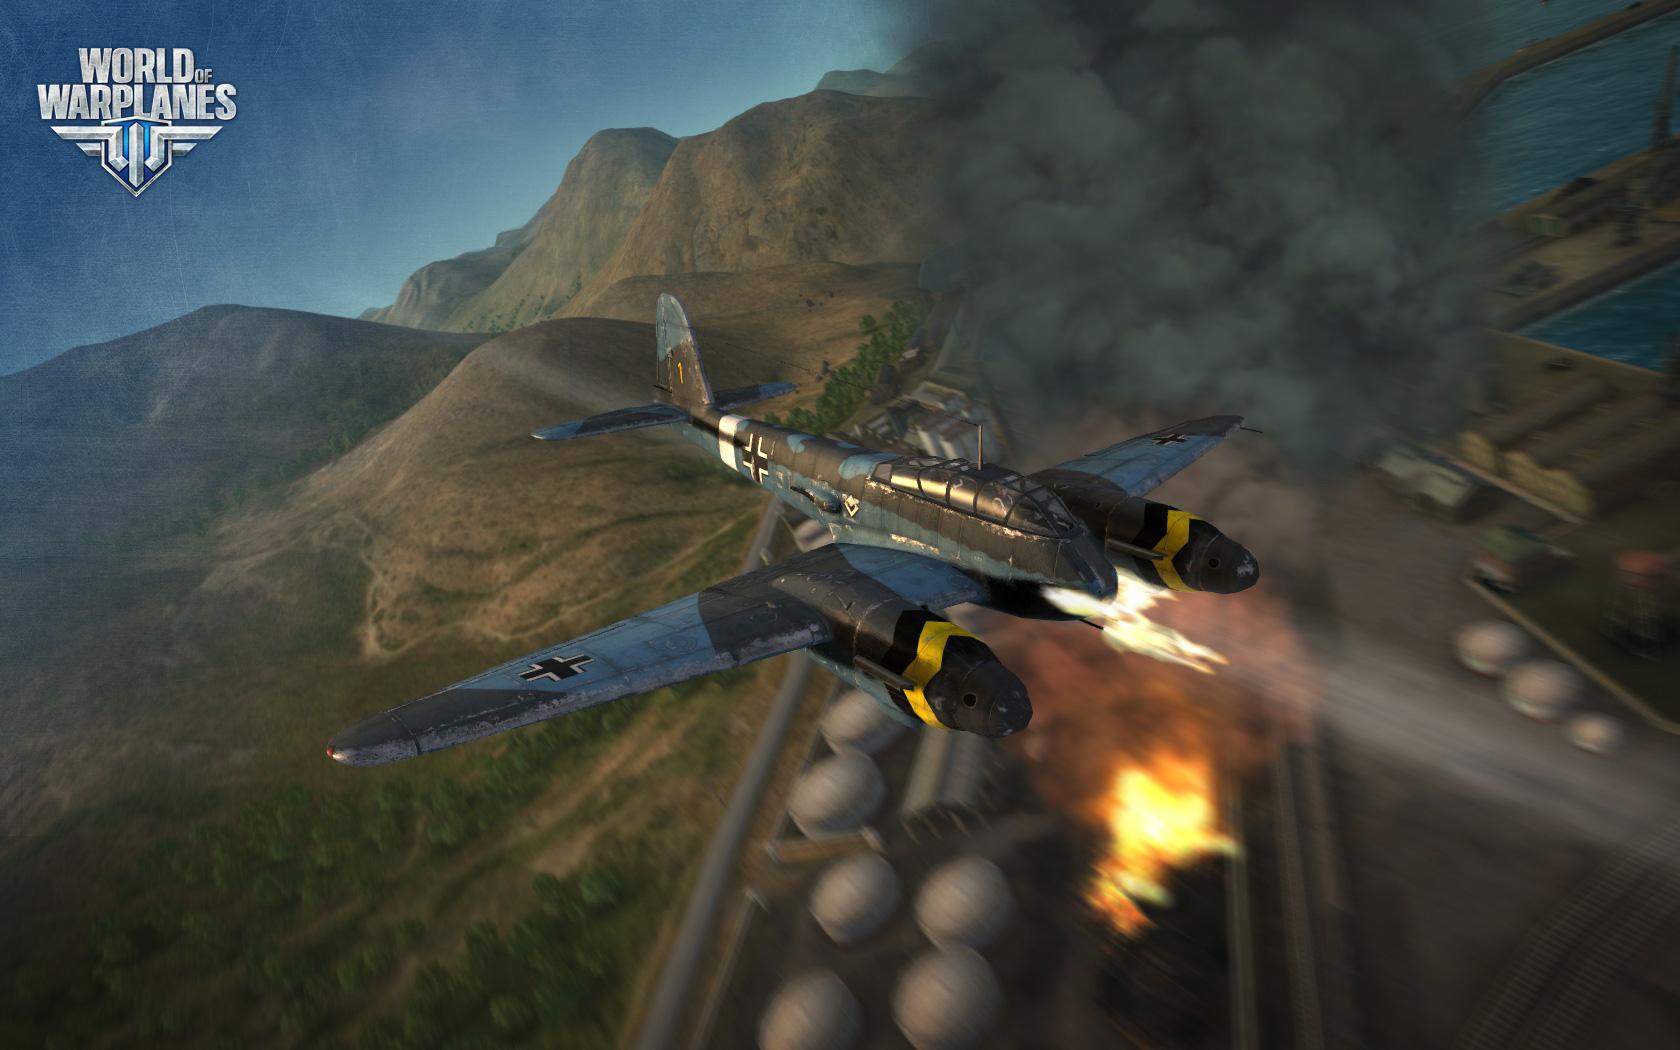 war thunder world warplanes